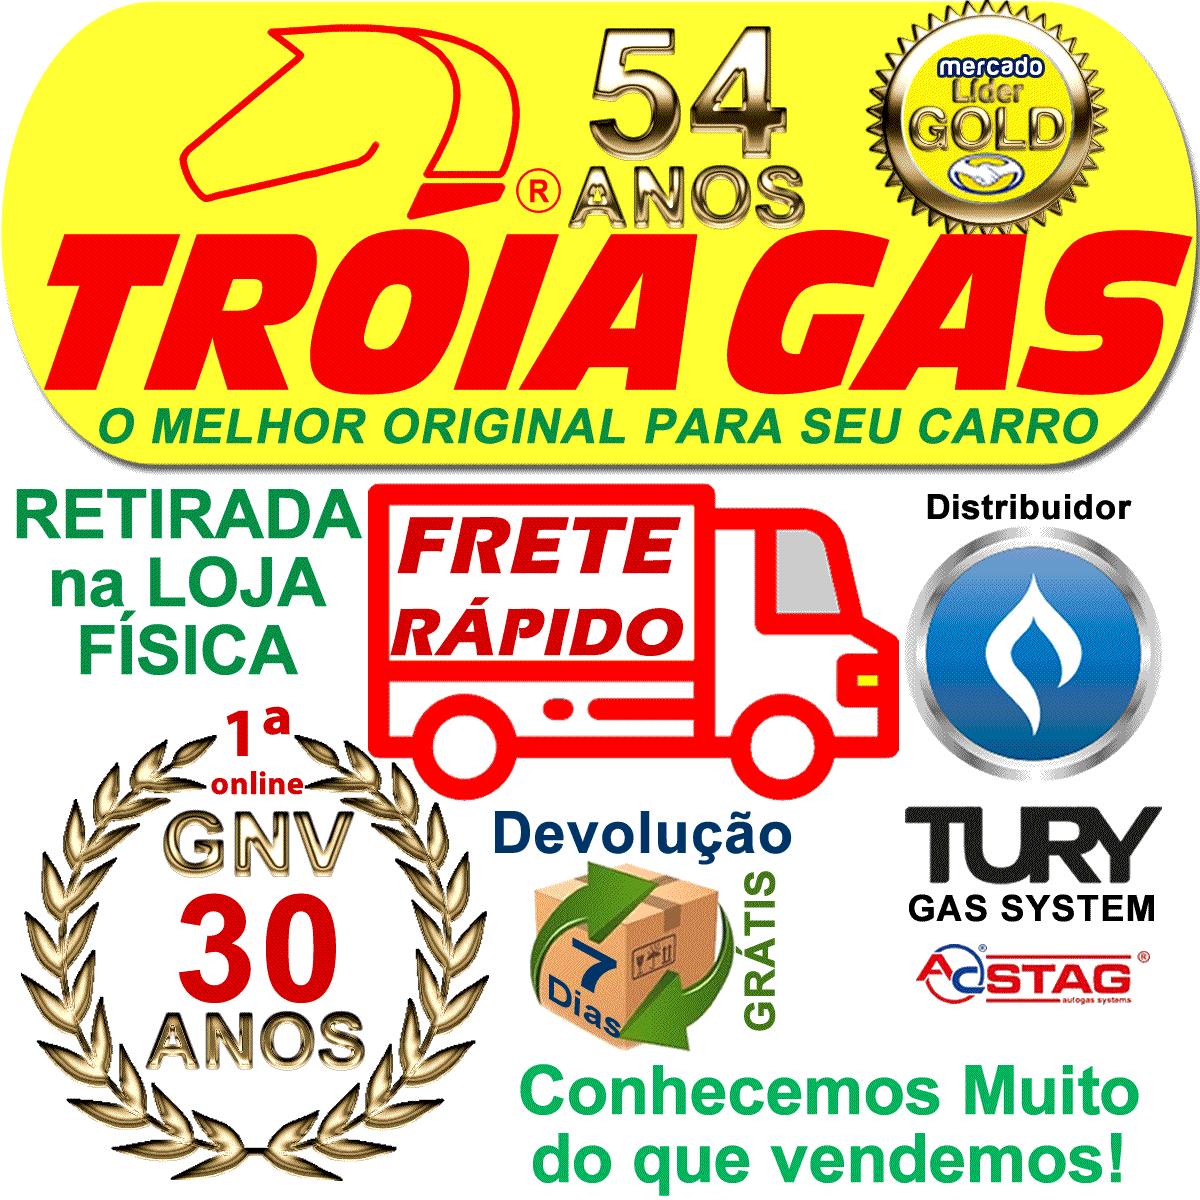 10 Filtros GNV 12 mm TROIAGAS Metal 5ª e 6ª geração protege bicos kits gás